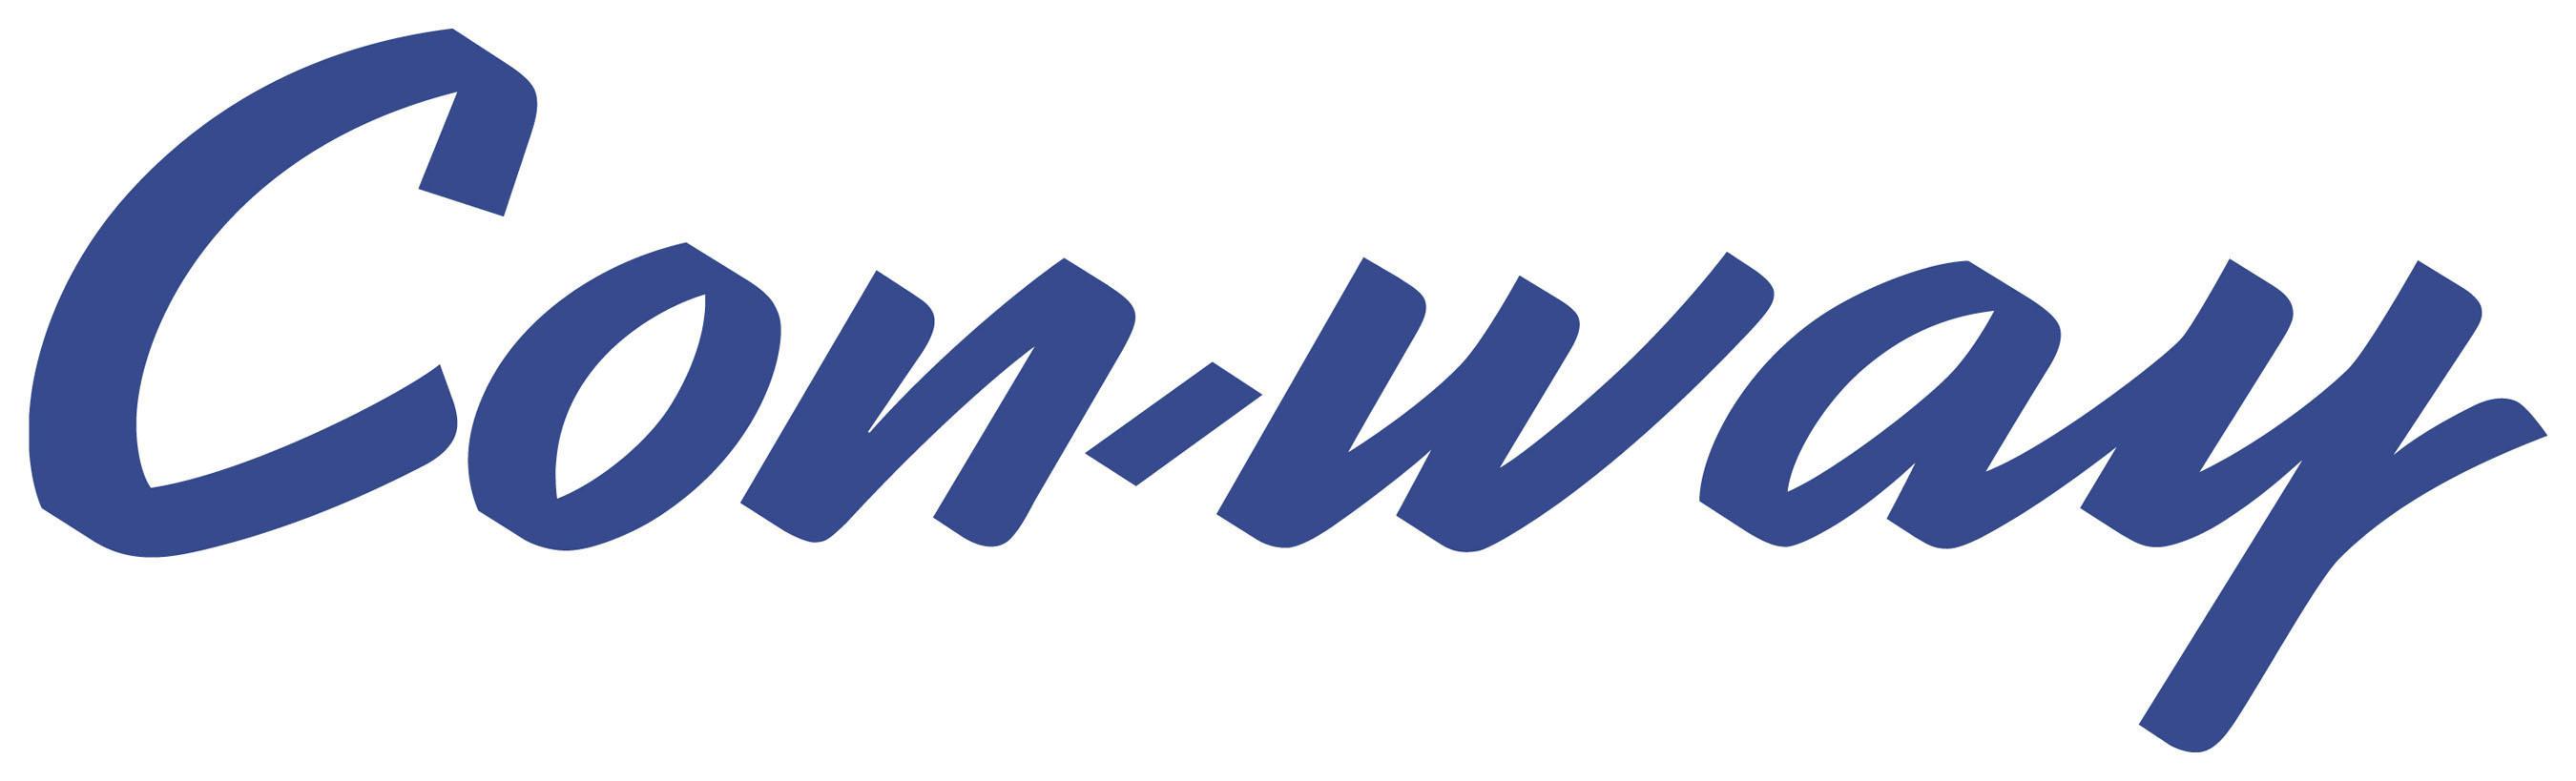 Con-Way logo